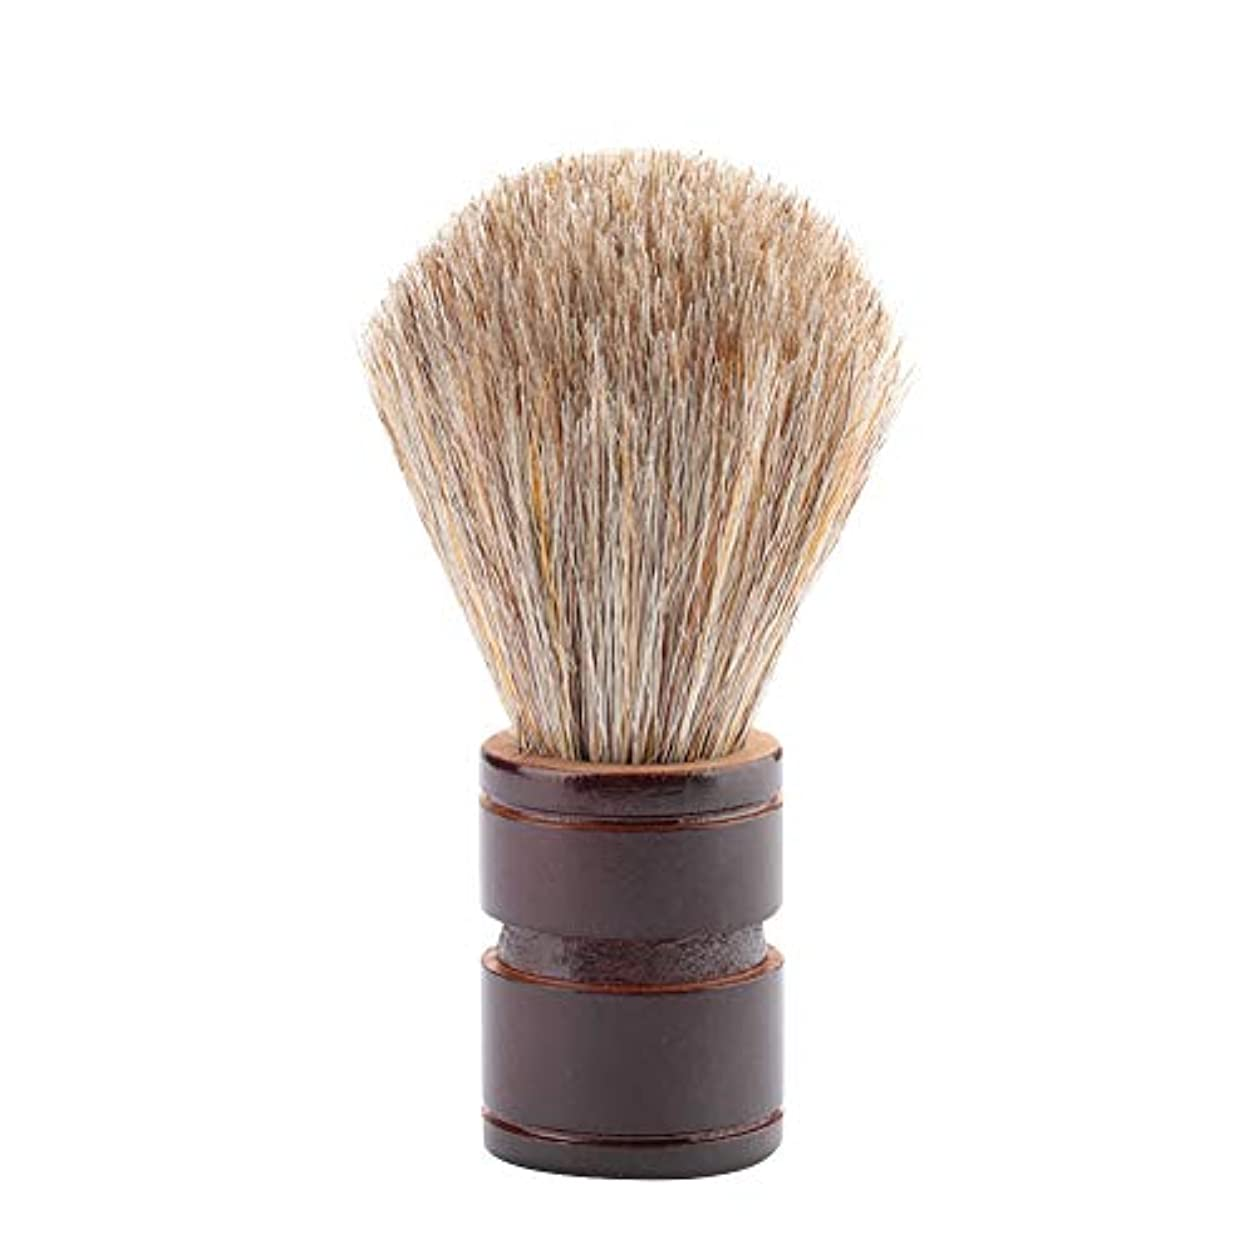 生き残ります亡命時代ひげブラシ、2色オプションのポータブルプレミアム品質ブラシ男性のためのひげのケアツール美容院と家庭用缶(ヘム+馬毛)